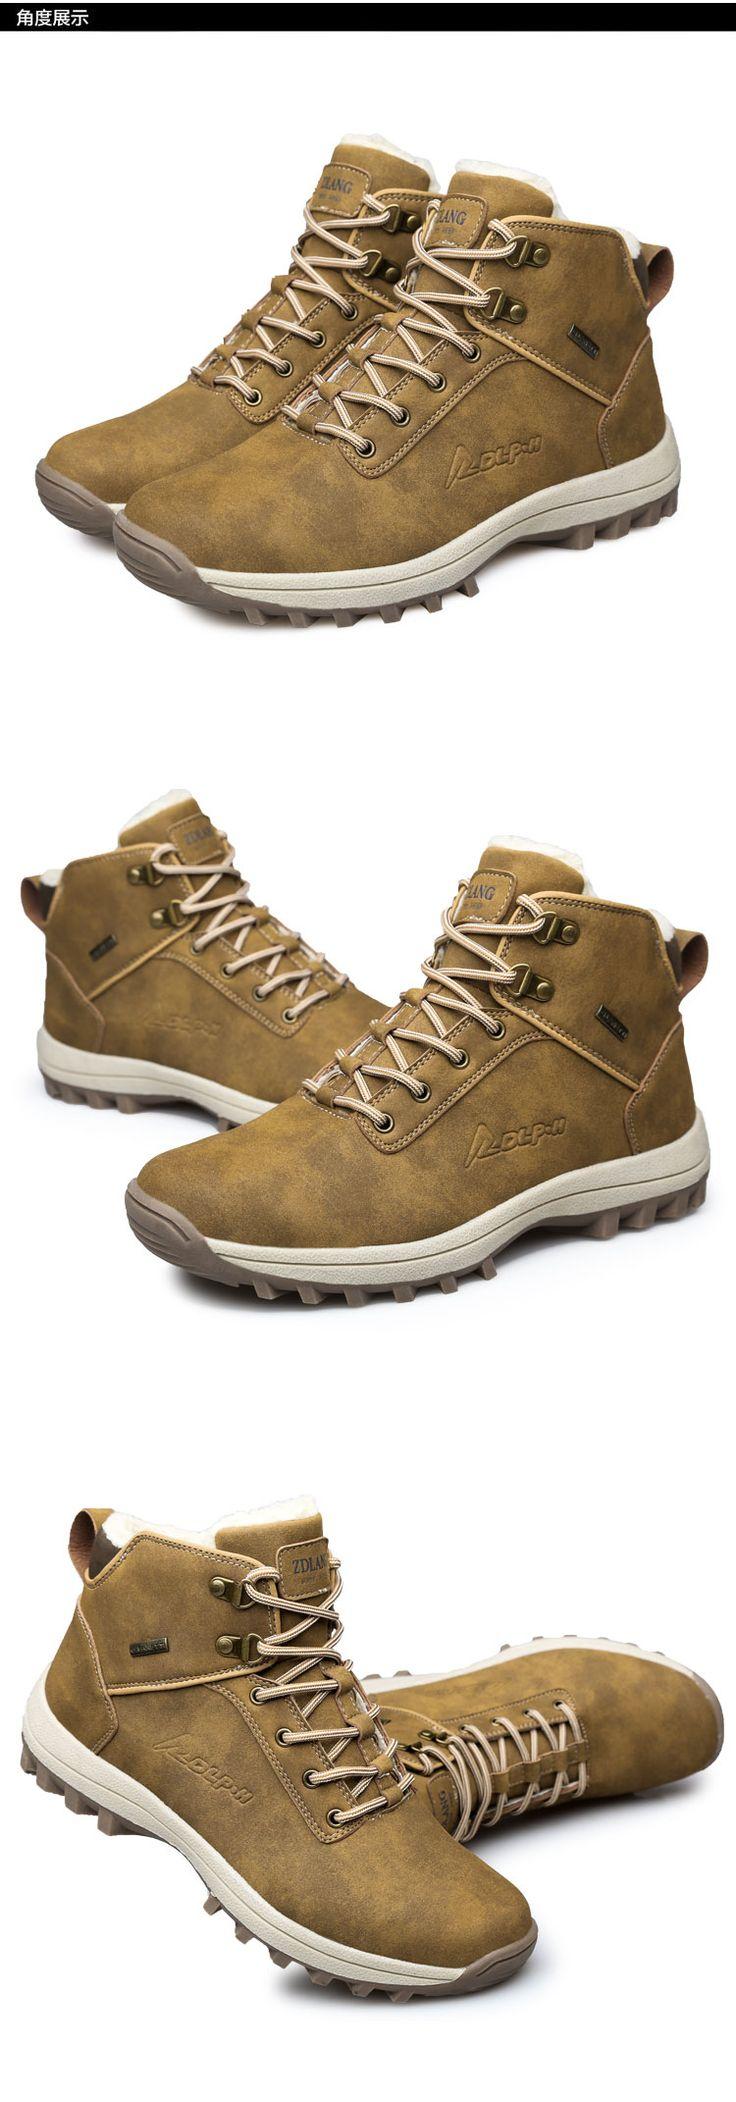 #traveling #shoes #hiking #trekking